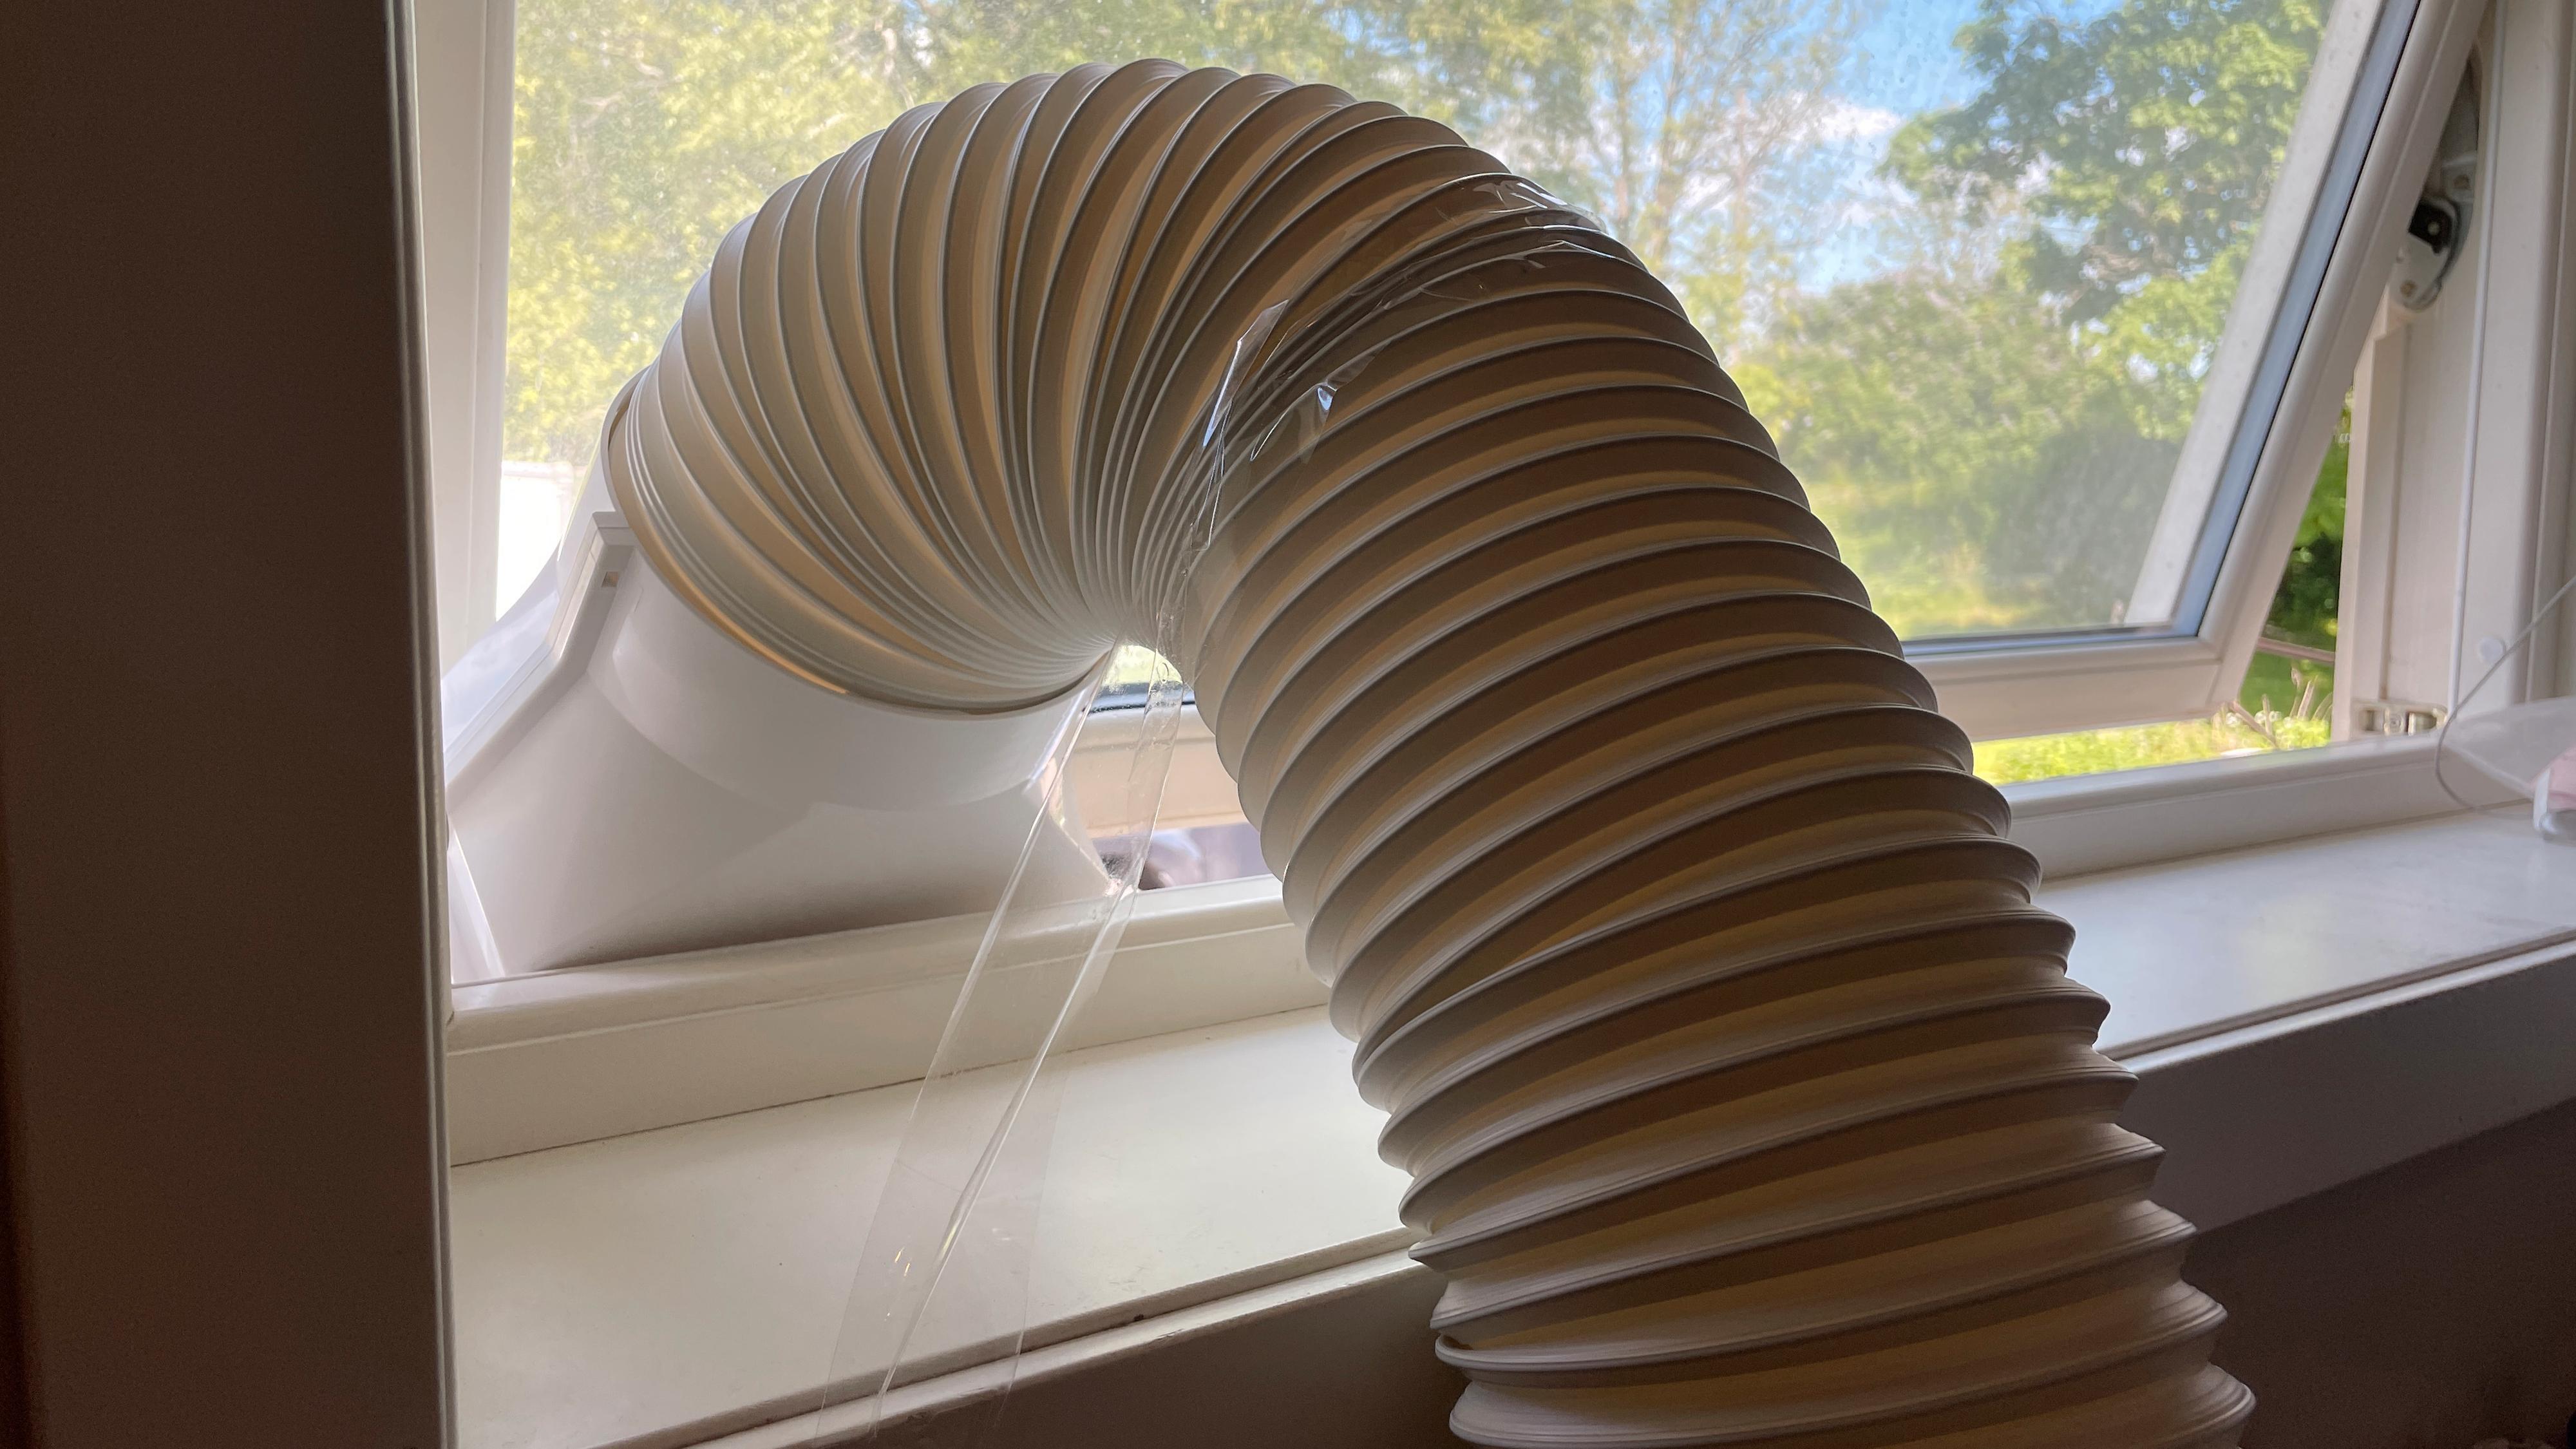 Både Electrolux og Wilfa leverer maskiner som kommer uten vindusmonteringssett. Du får en slange med en form for endestykke - og det er det hele. Vi endte med å måtte teipe slangen fast i vinduet - det er ikke akkurat gunstig. For disse maskinene trenger man egentlig et vindusmonteringssett i tillegg.